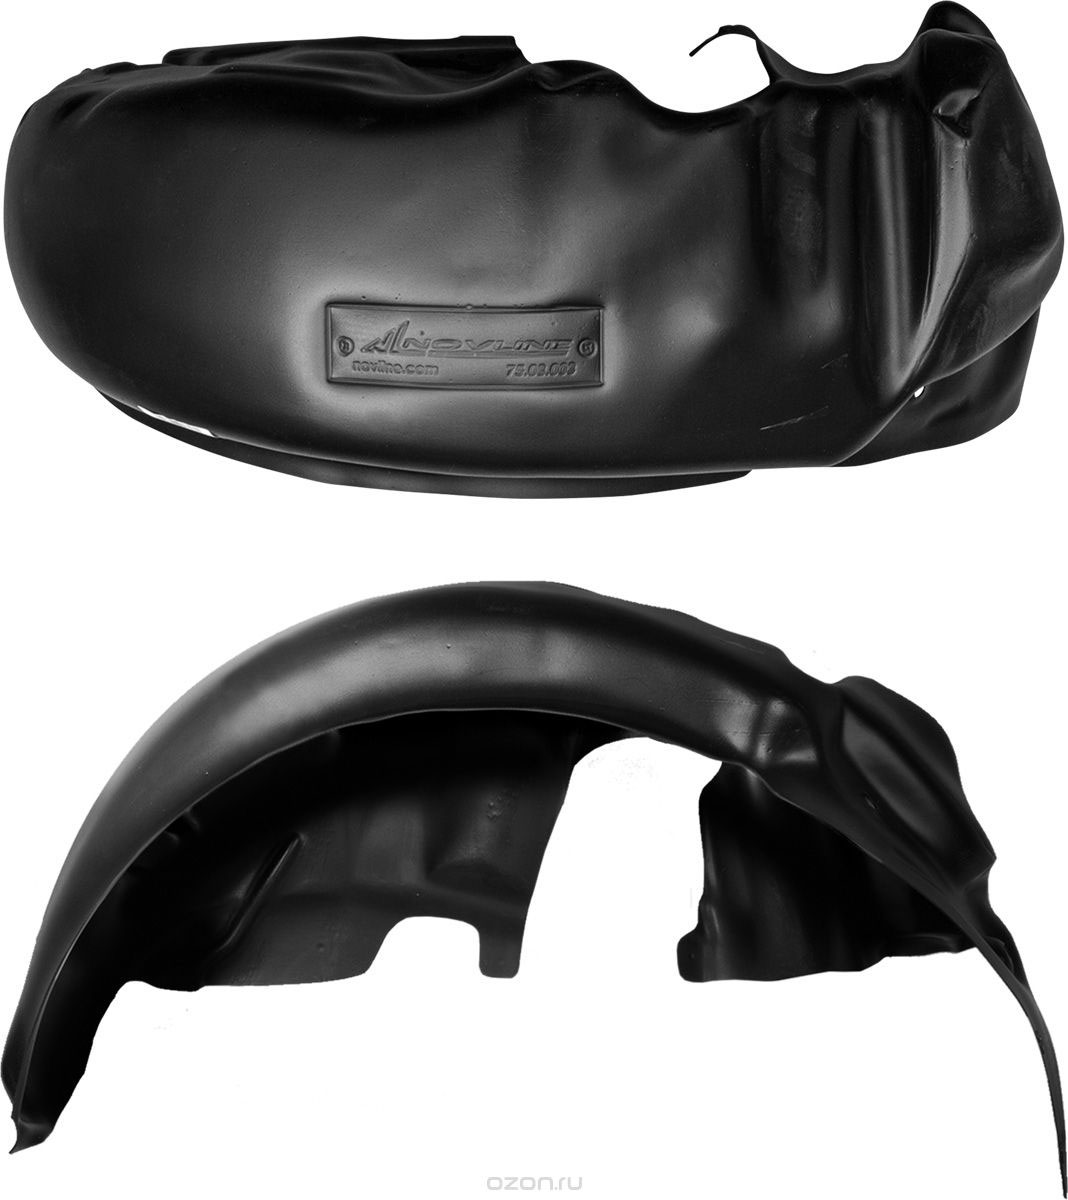 Подкрылок Novline-Autofamily, для HYUNDAI i30 2007-2011, передний правыйVCA-00Идеальная защита колесной ниши. Локеры разработаны с применением цифровых технологий, гарантируют максимальную повторяемость поверхности арки. Изделия устанавливаются без нарушения лакокрасочного покрытия автомобиля, каждый подкрылок комплектуется крепежом. Уважаемые клиенты, обращаем ваше внимание, что фотографии на подкрылки универсальные и не отражают реальную форму изделия. При этом само изделие идет точно под размер указанного автомобиля.